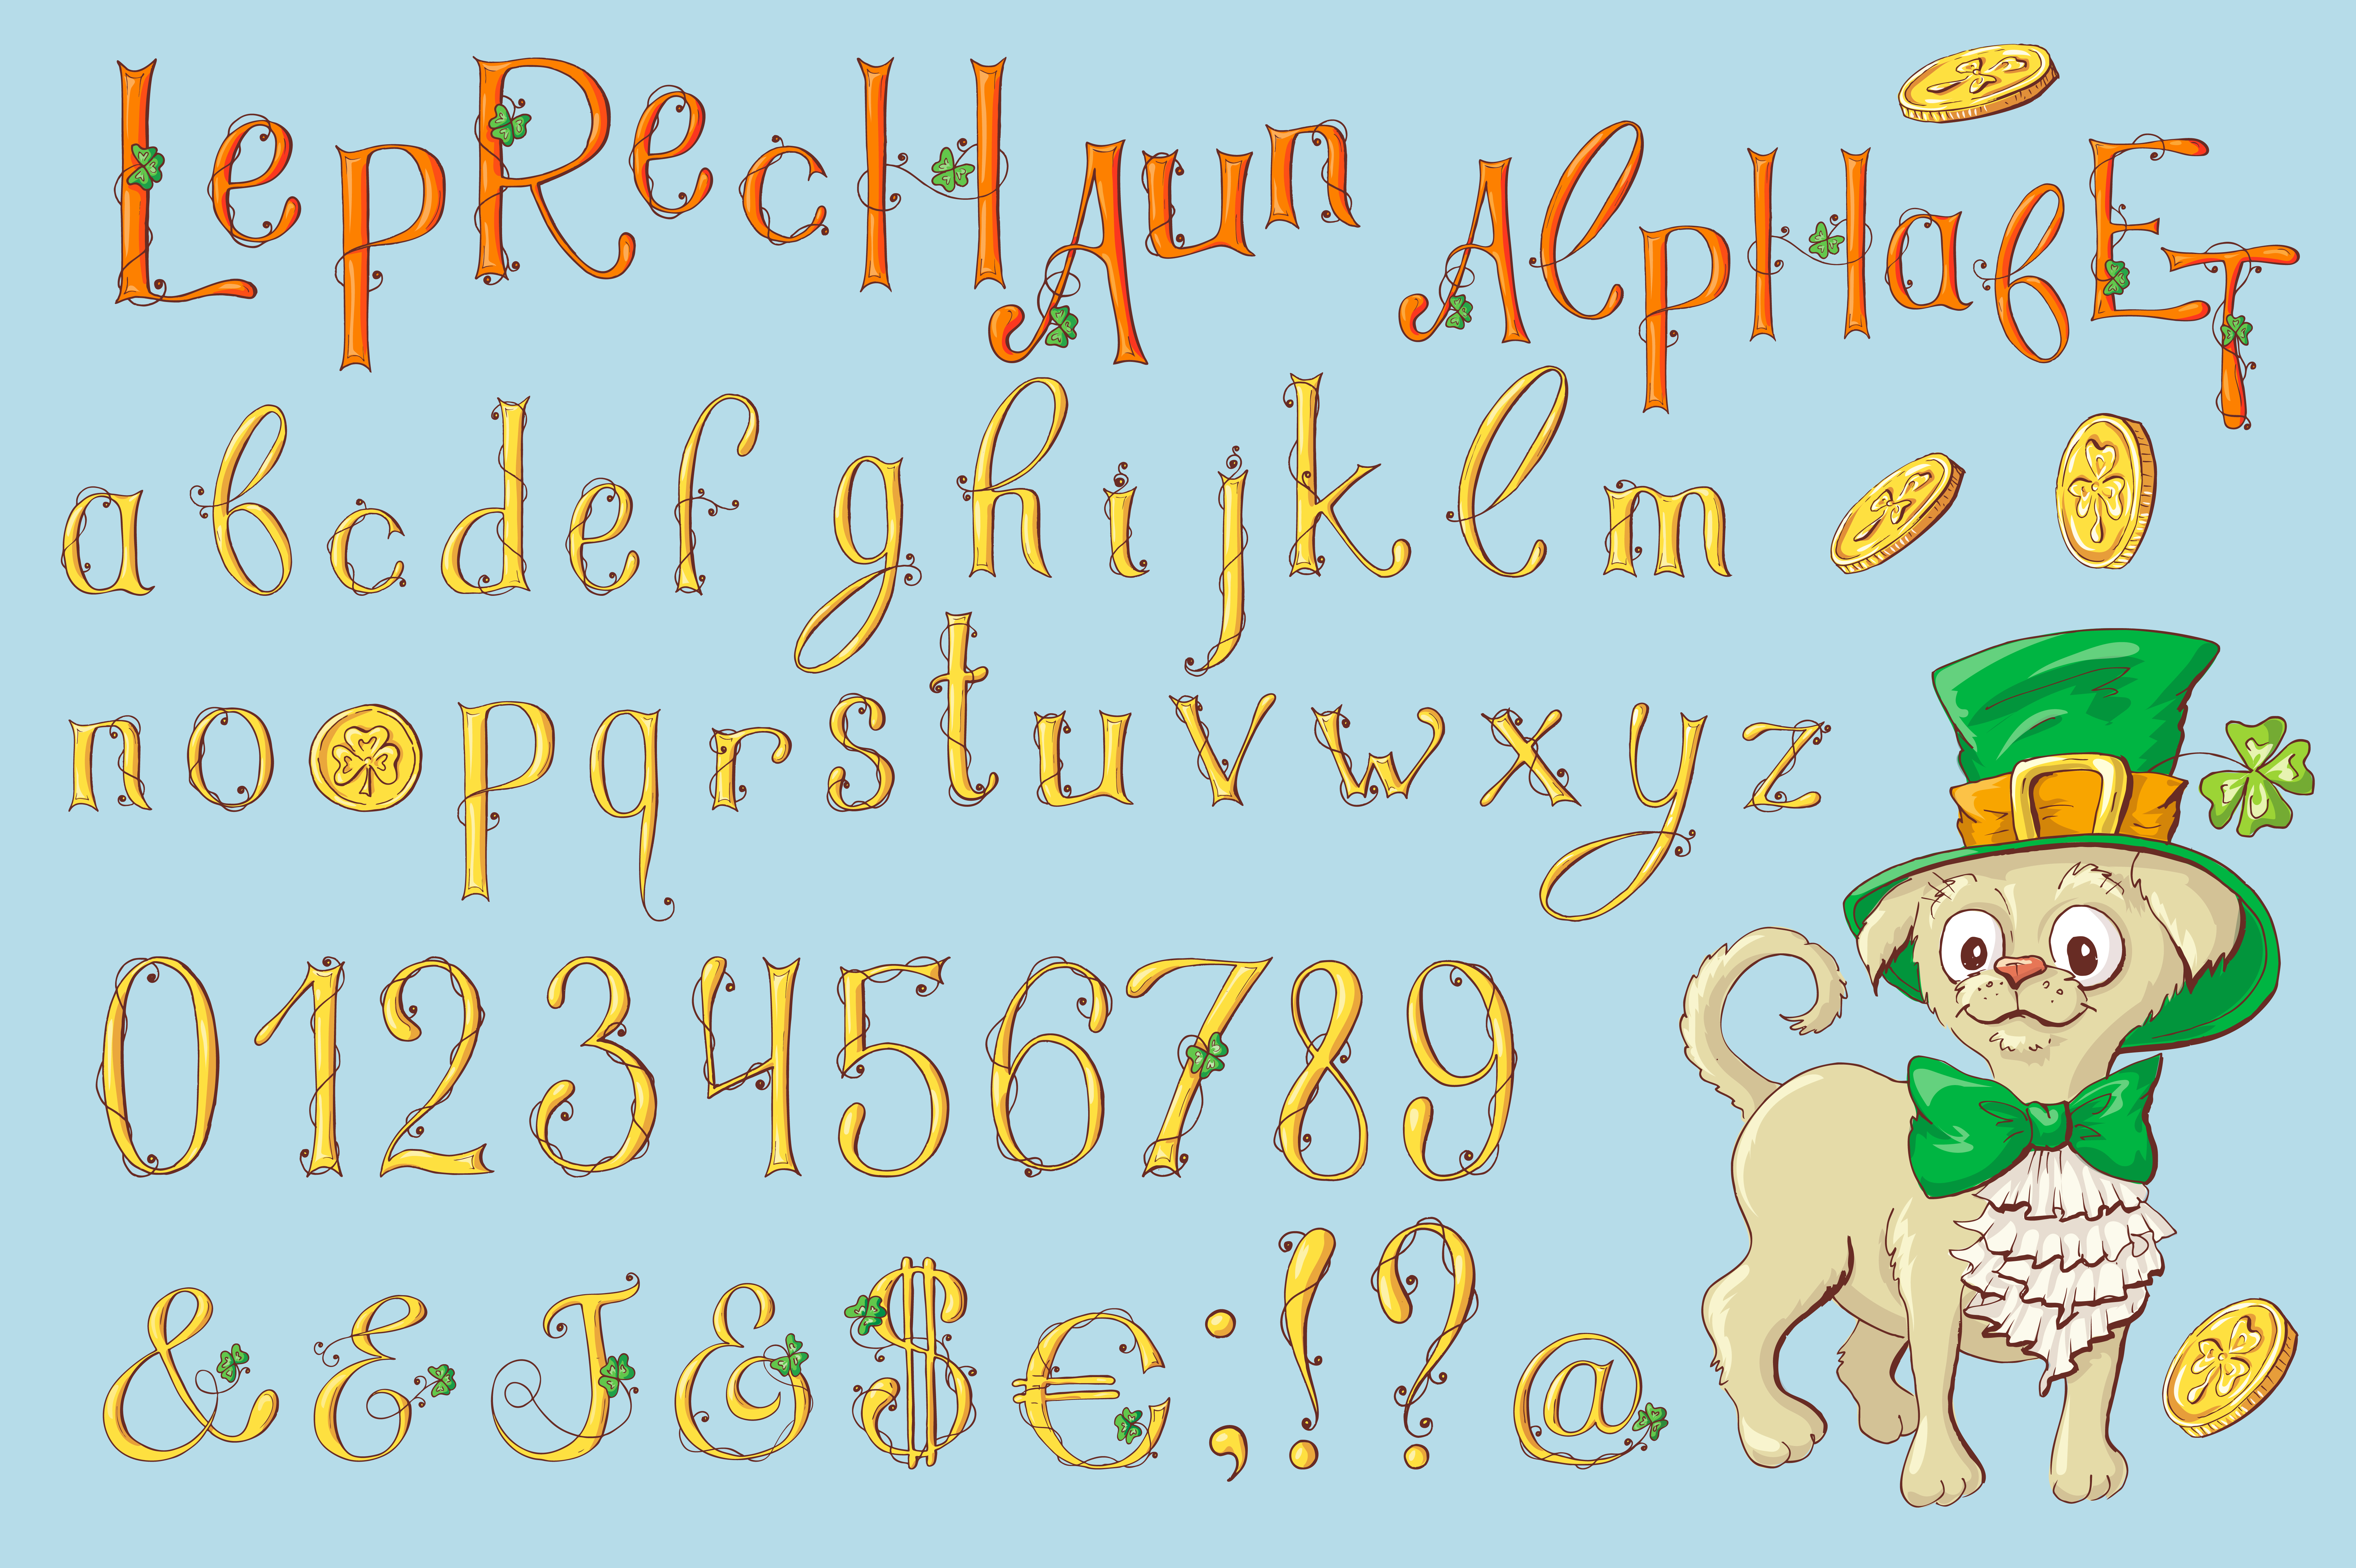 Leprechaun Alphabet – St. Patrick's Day example image 2